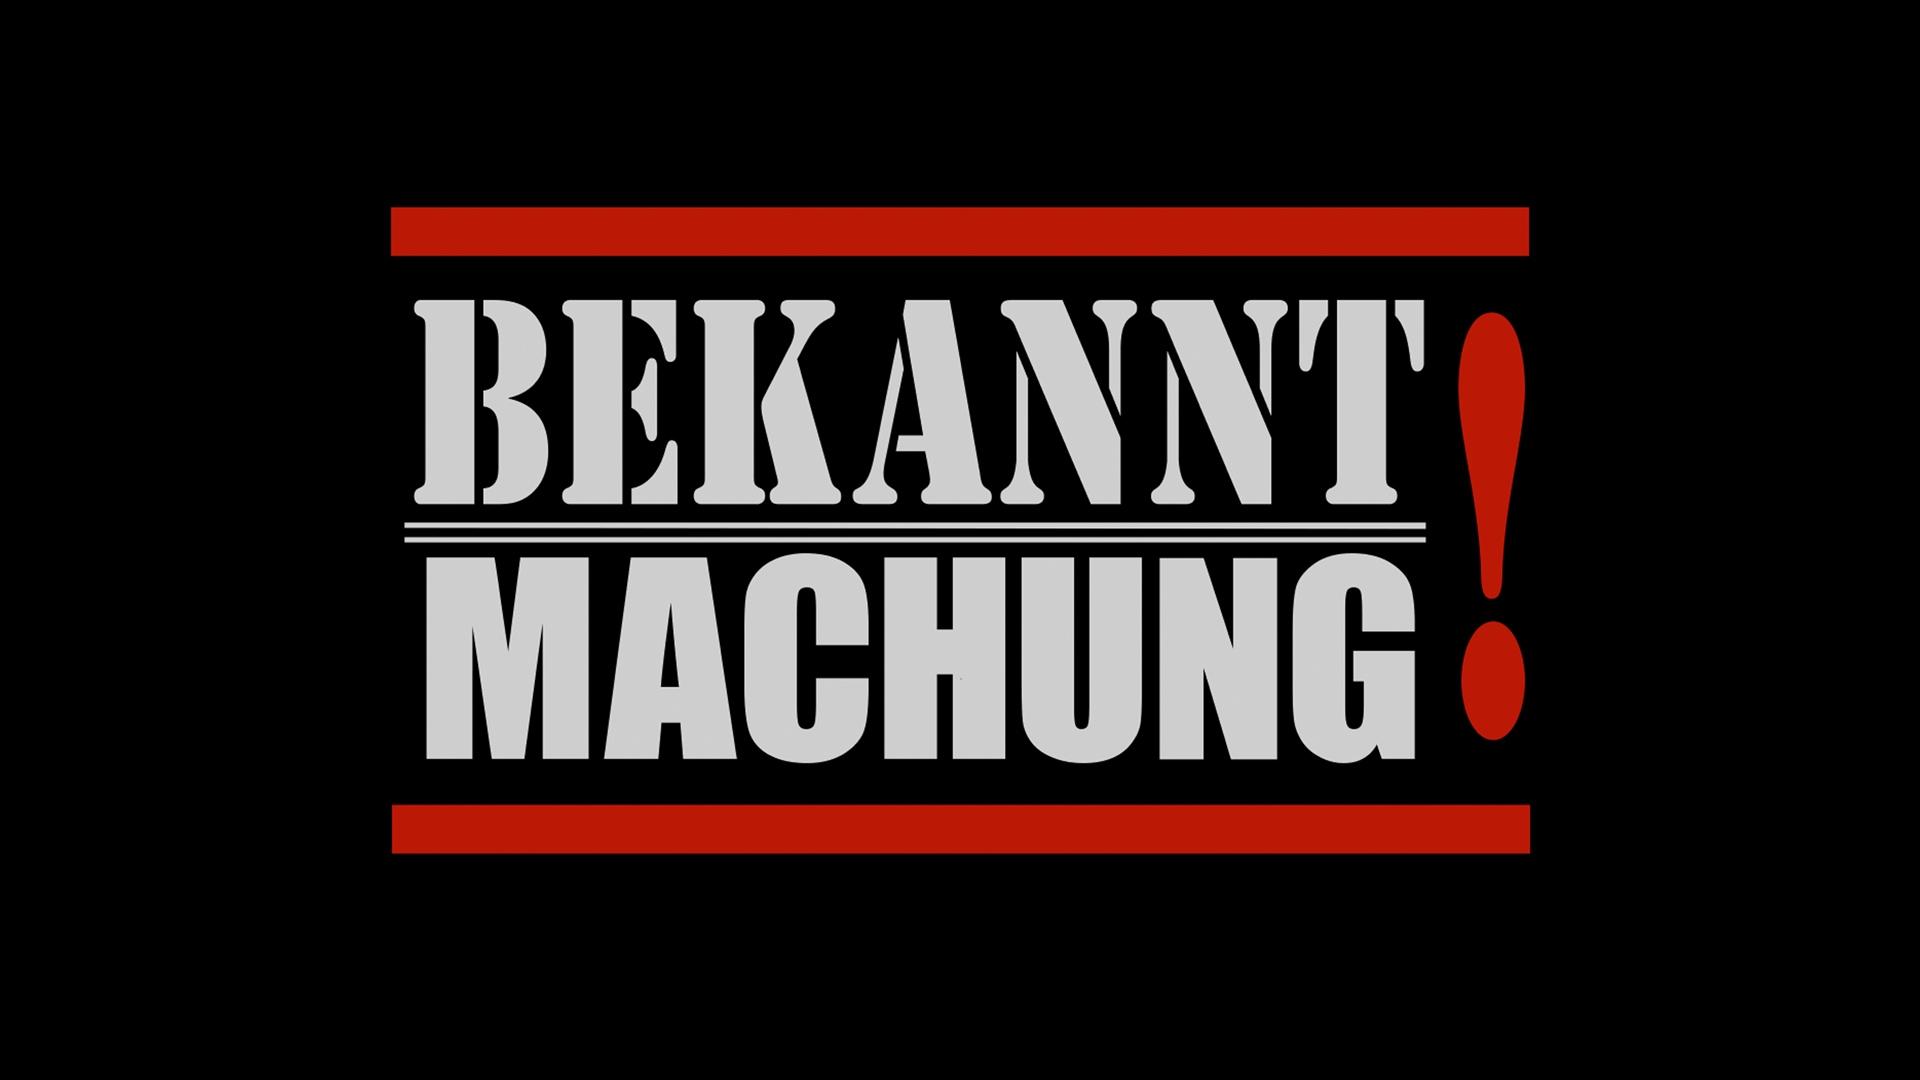 serien kostenlos anschauen deutsch